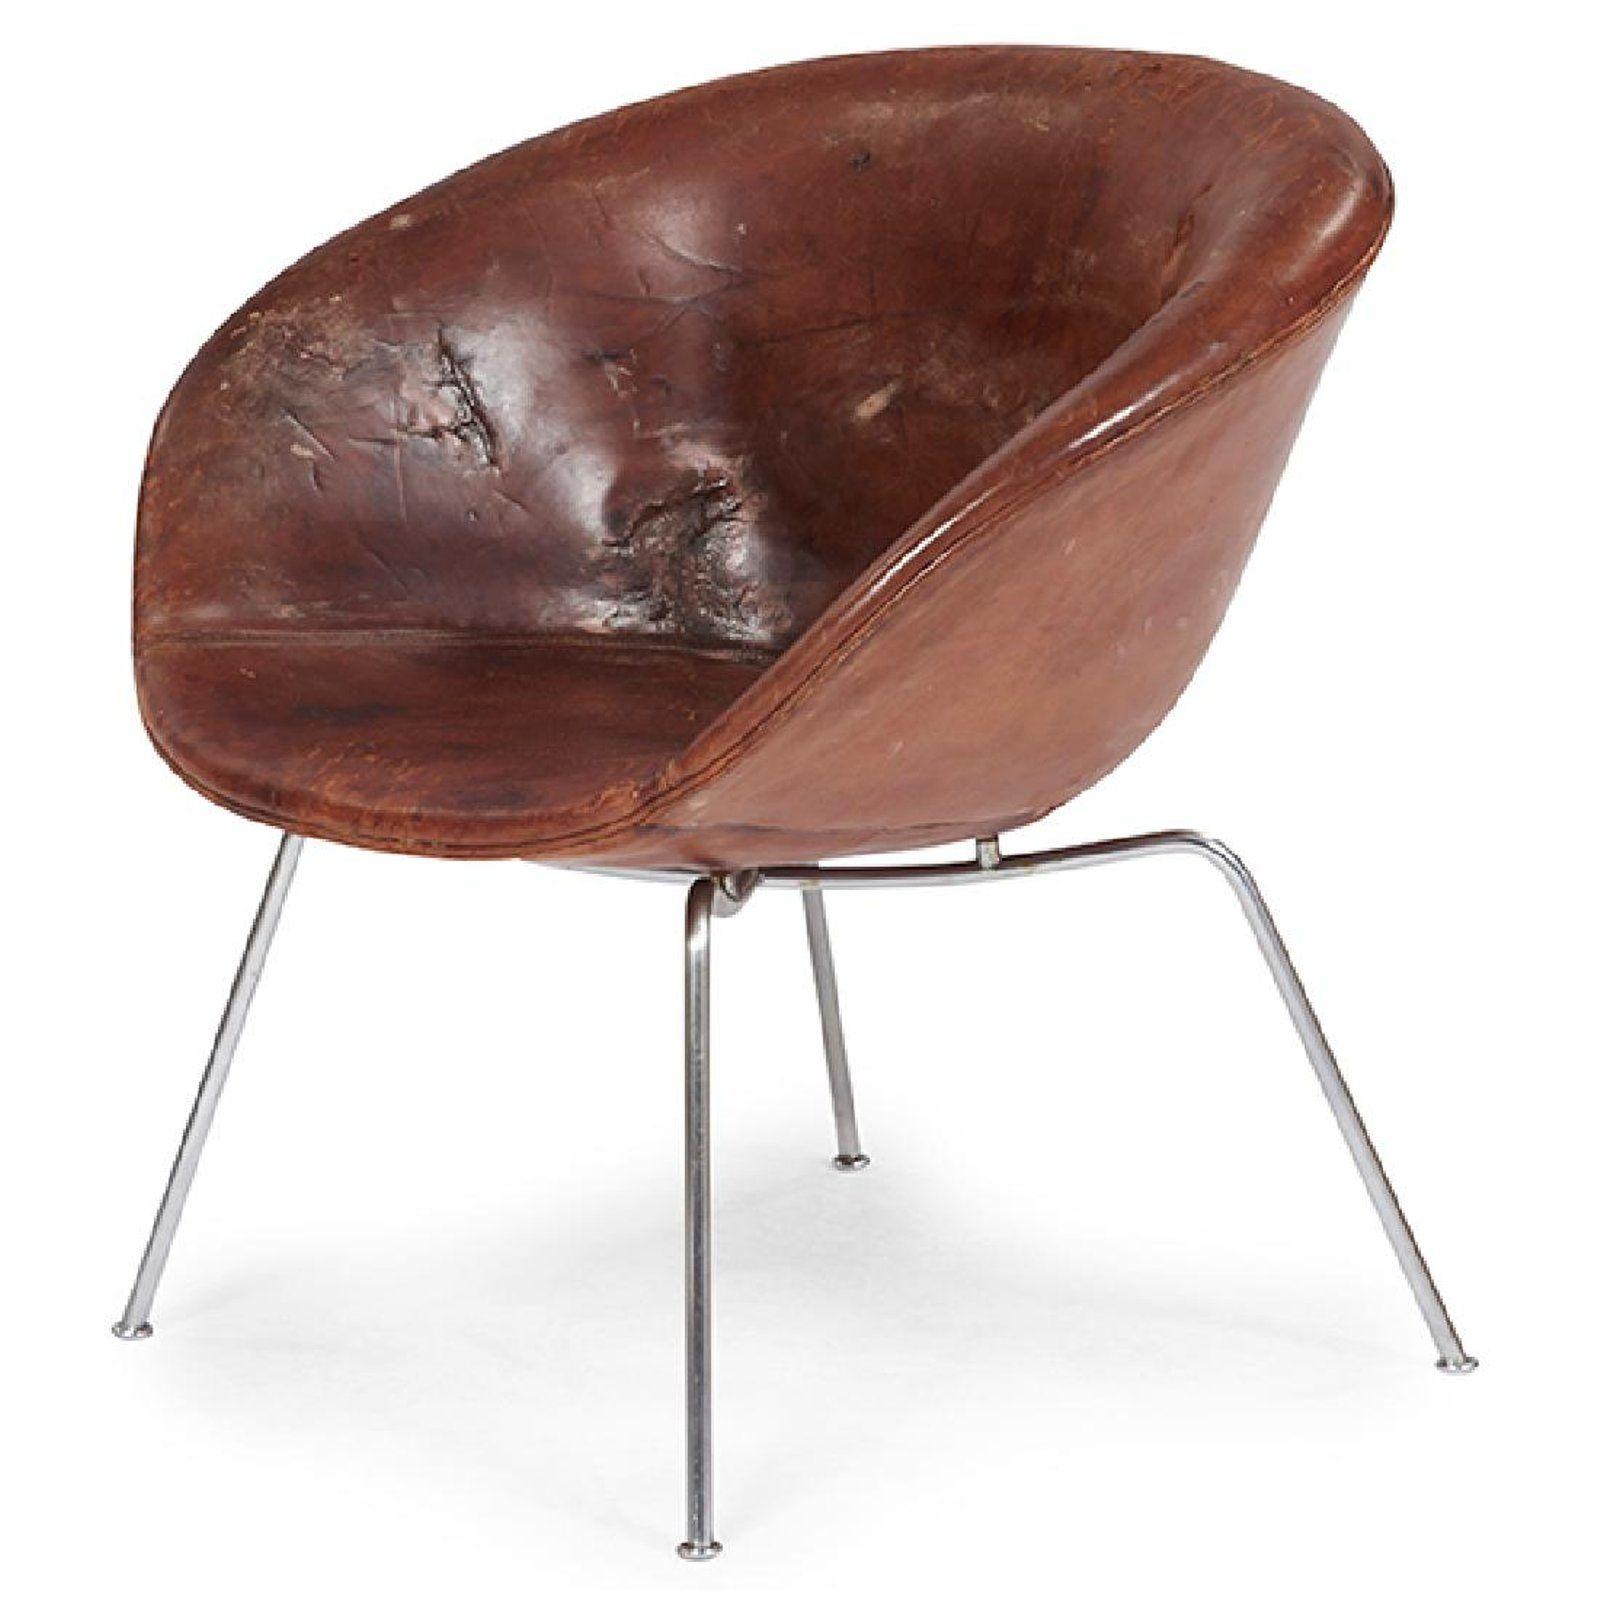 Arne Jacobsen 1902 1971 for Fritz Hansen Pot chair on